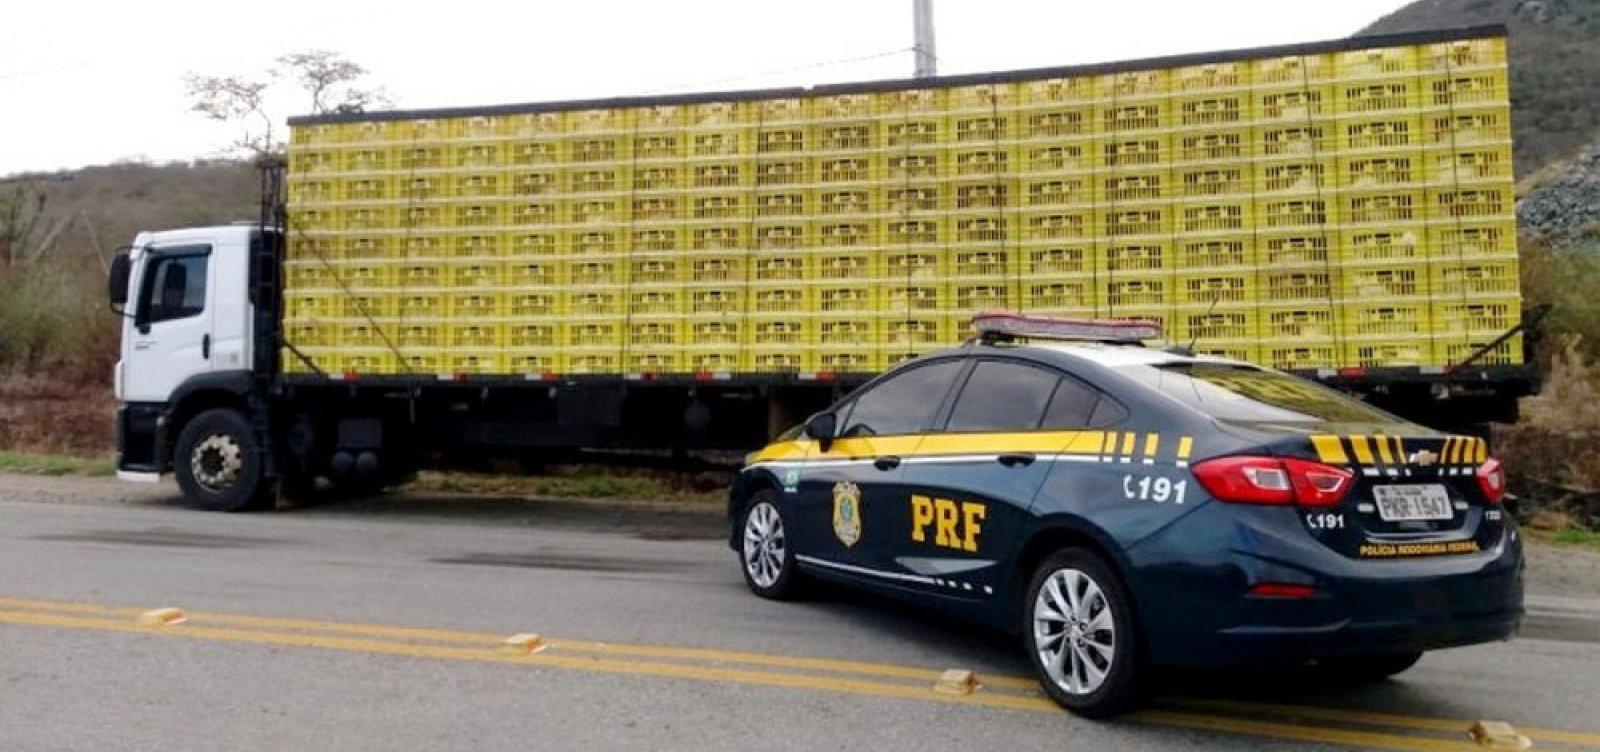 [Mais de 3 mil galinhas transportadas irregularmente são apreendidas na Bahia]